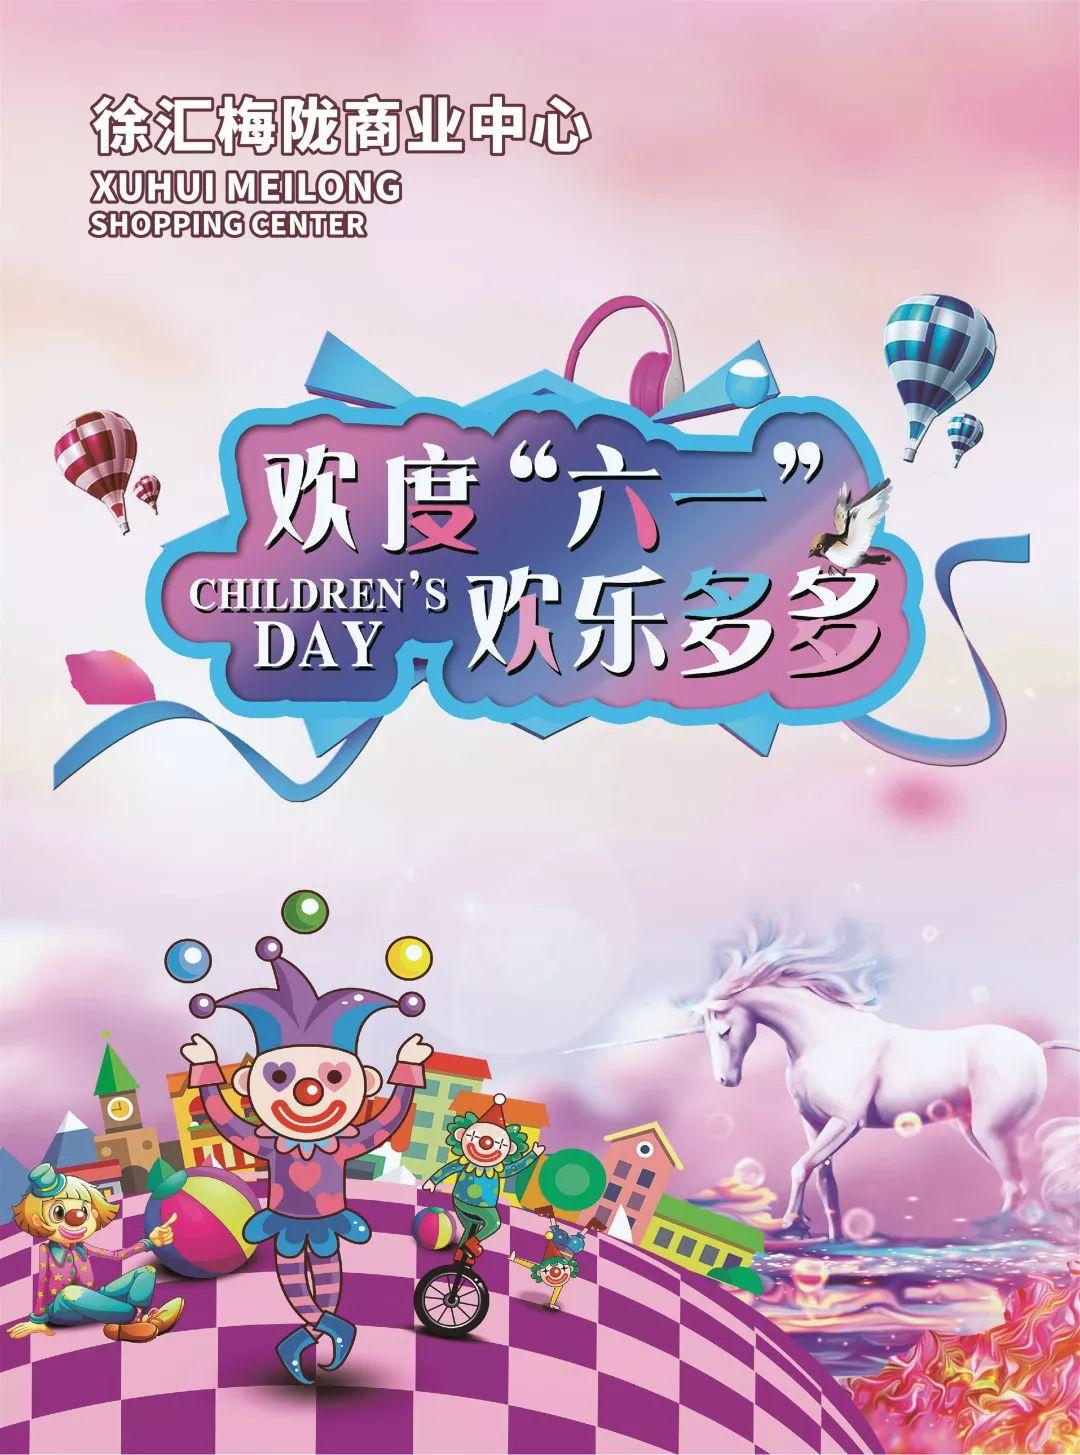 上海徐汇梅陇商业中心2019六一儿童节活动